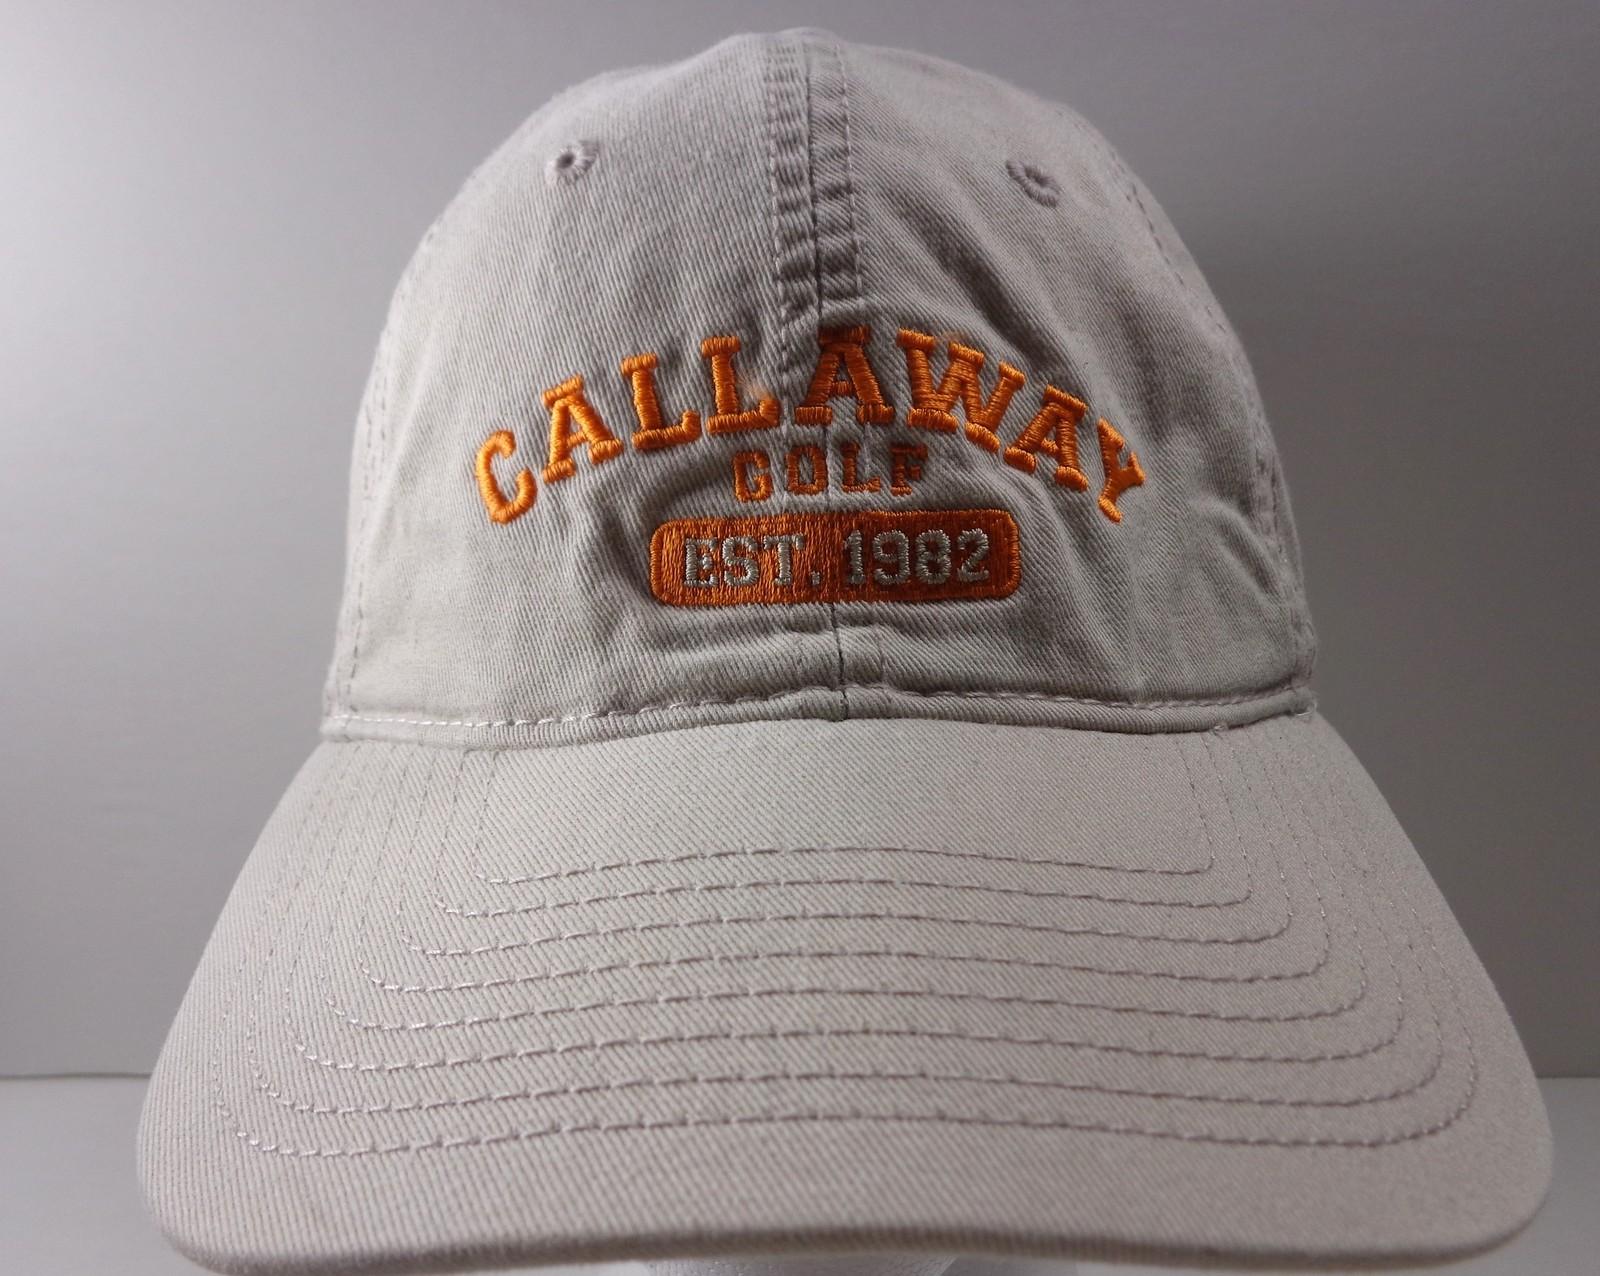 16612591d4a5e Callaway Golf Adjustable Baseball Cap Hat and 50 similar items. Dsc02607